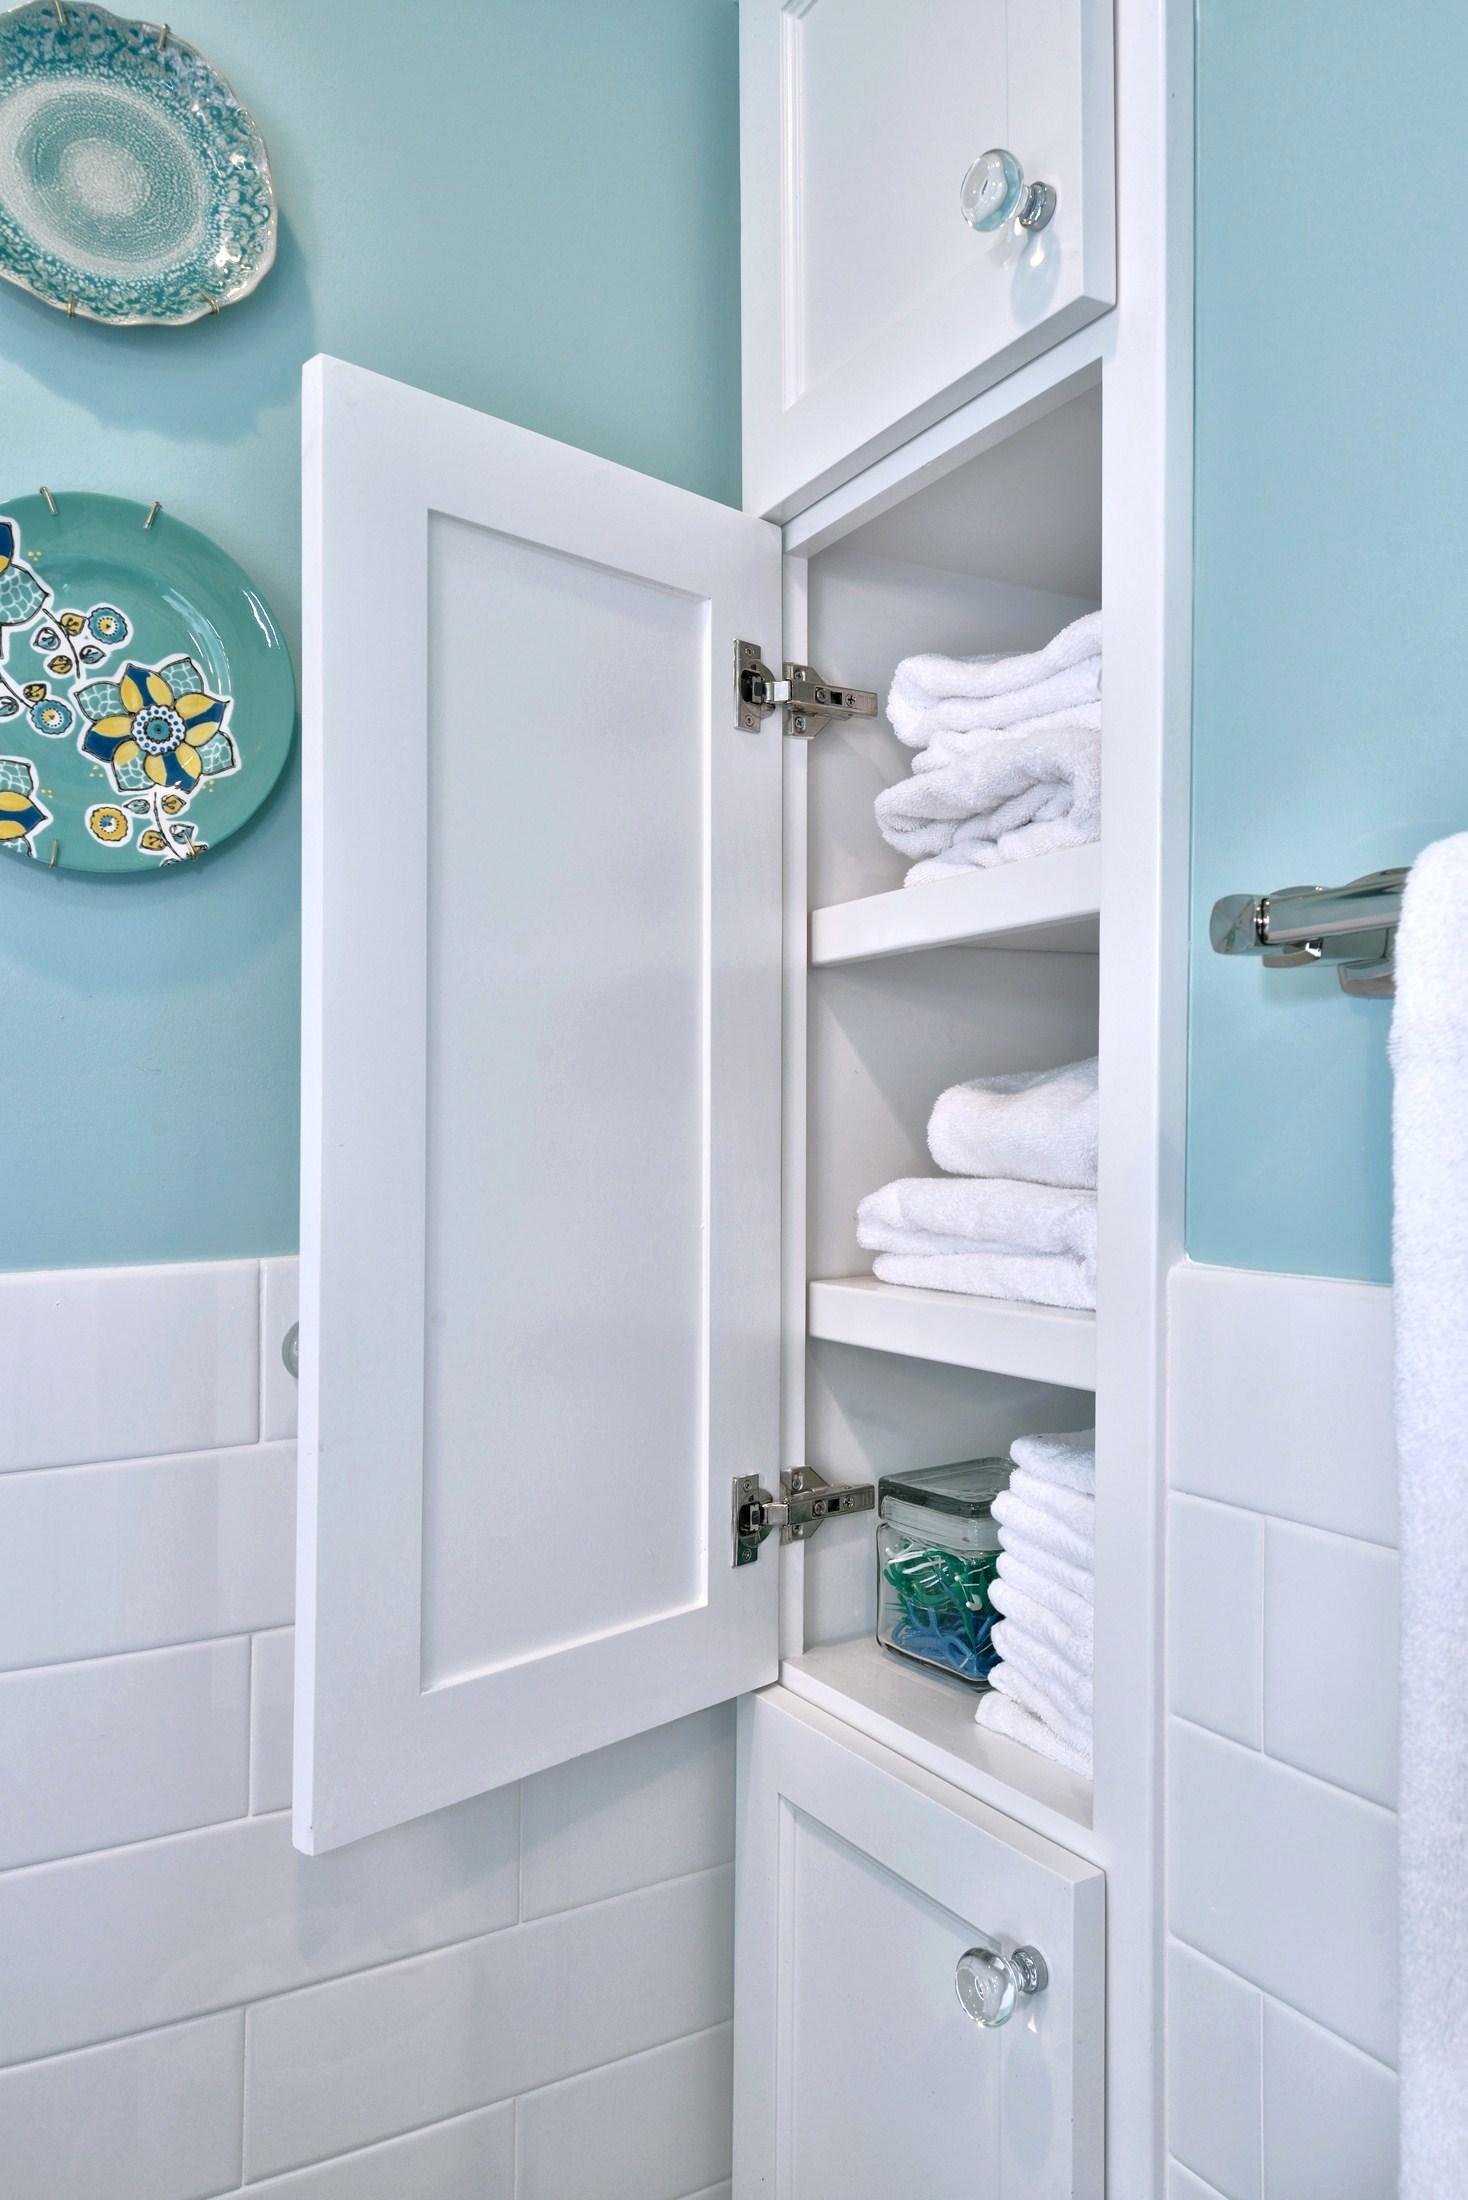 Small linen cabinet built into wall space found upon demolition | Designer: Carla Aston, Photographer: Miro Dvorscak